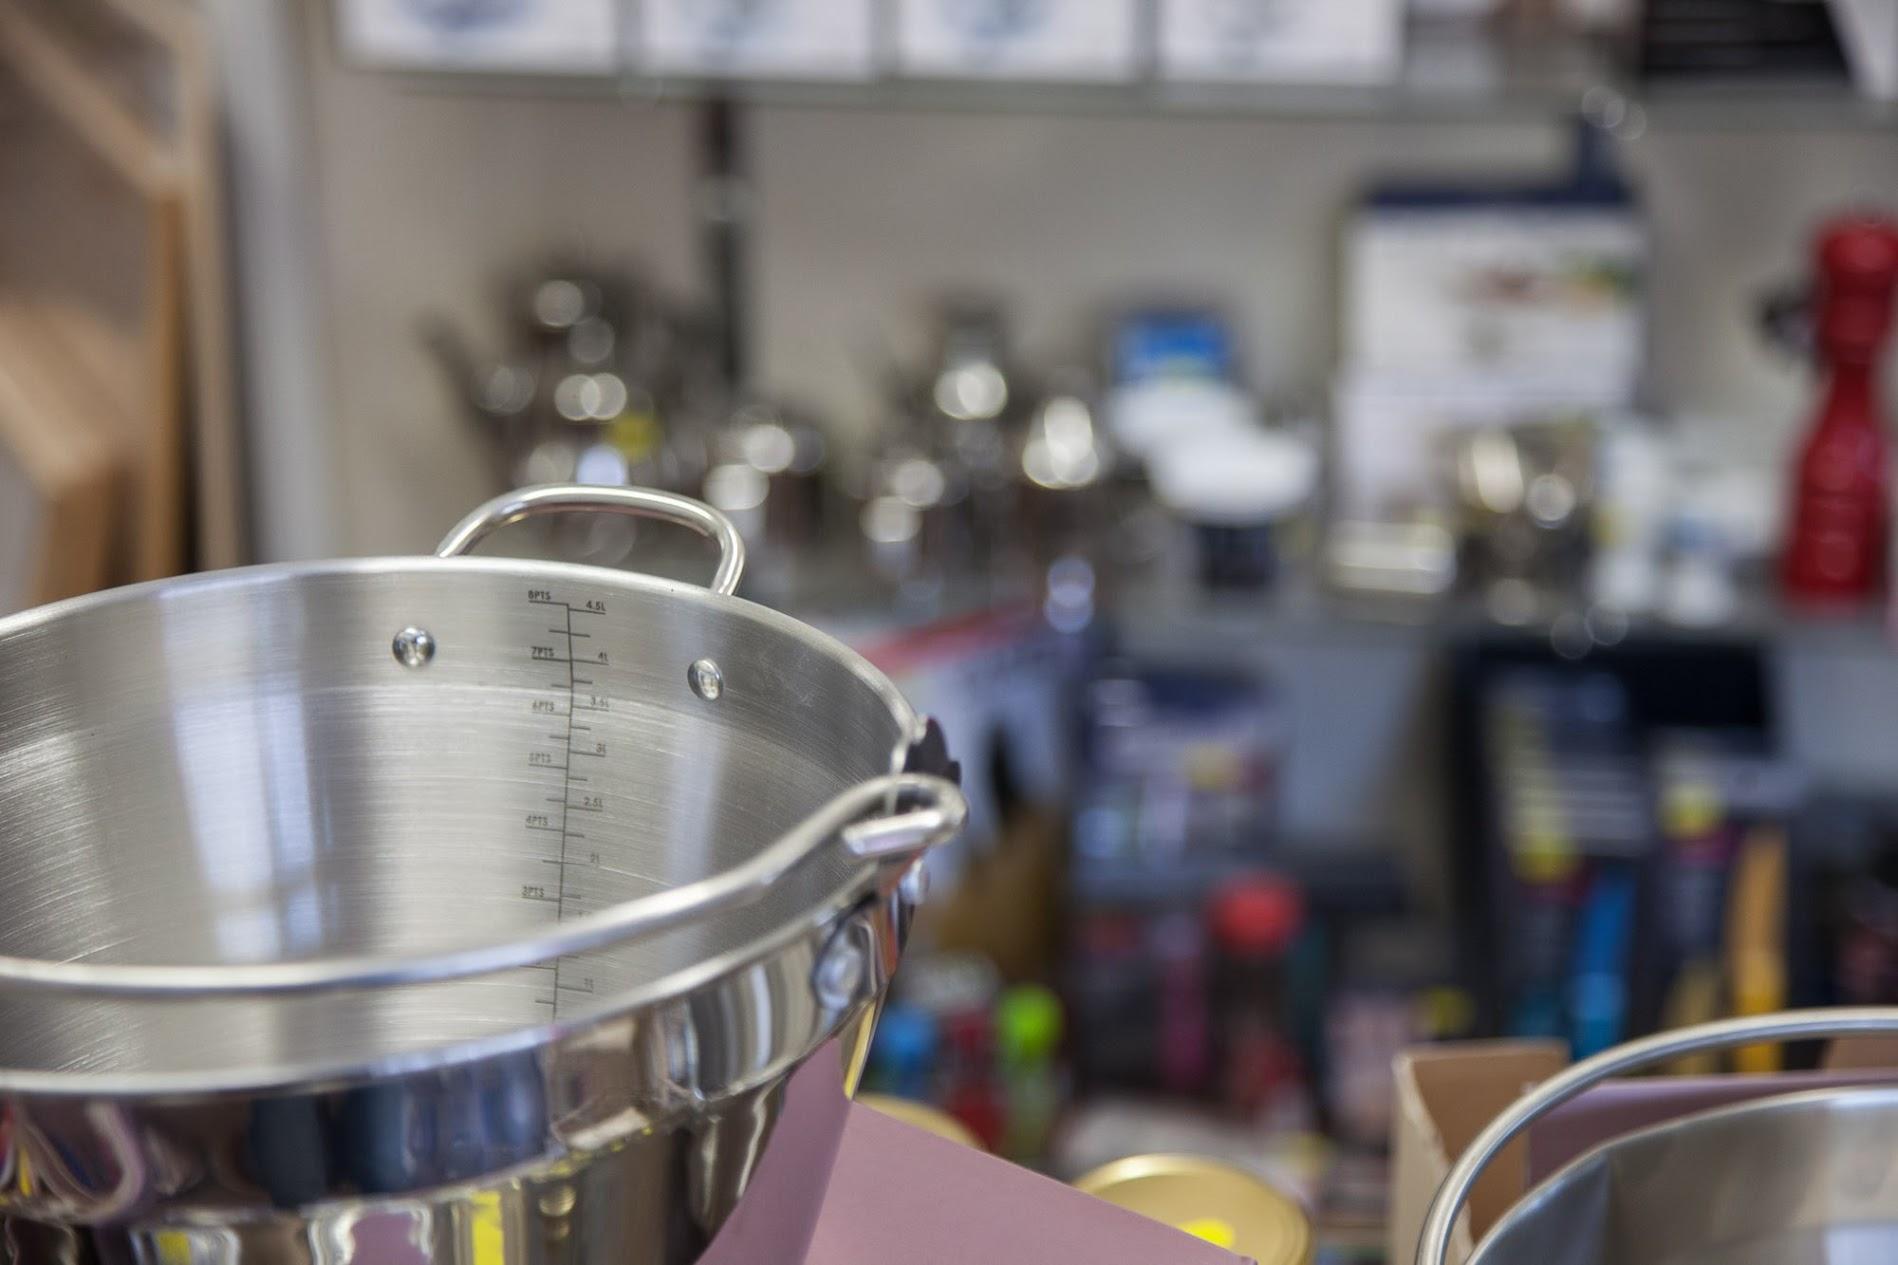 Pots, pans and gadgets galore!